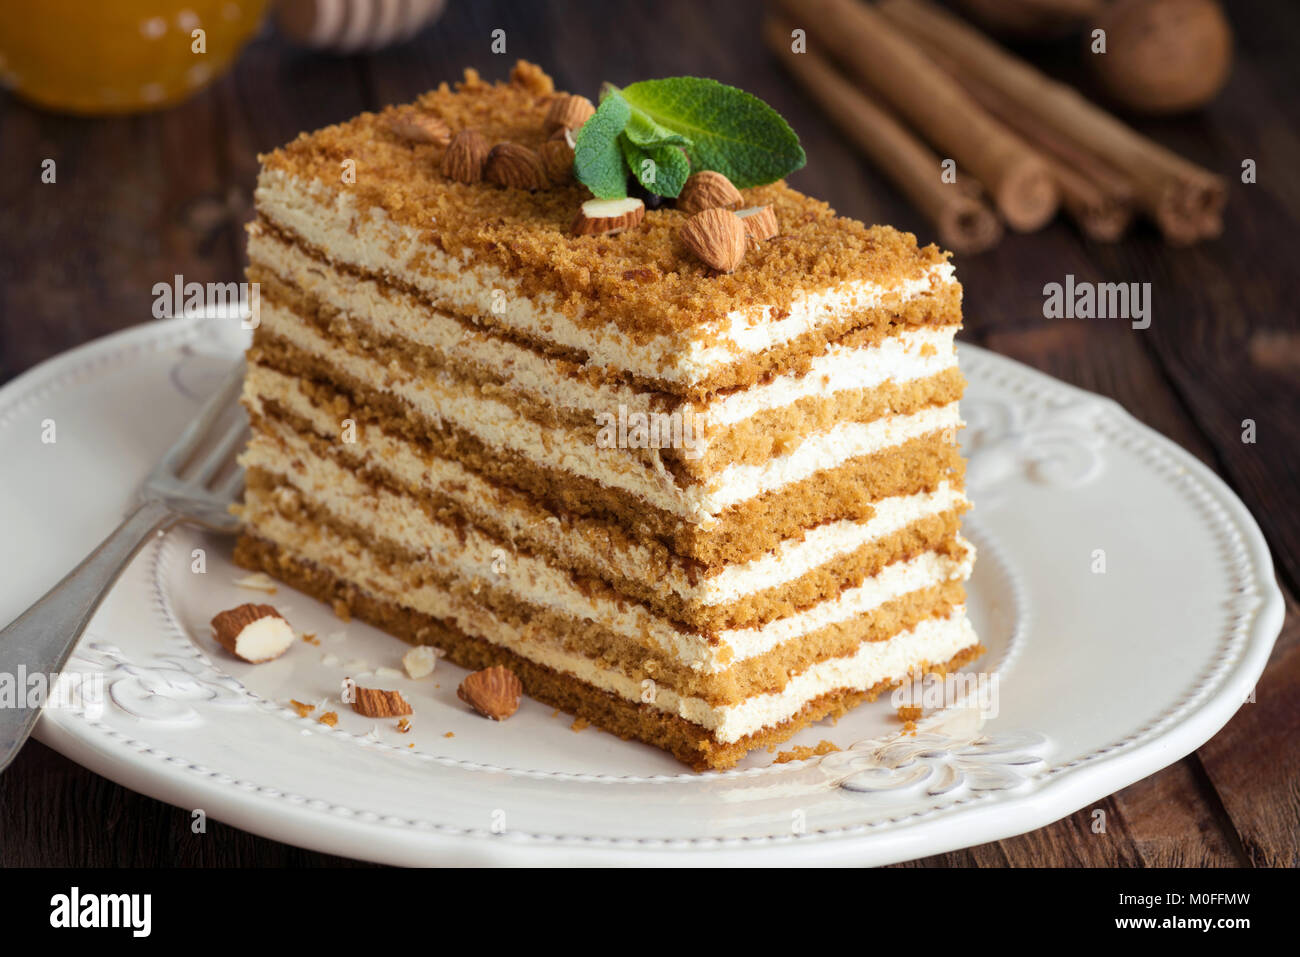 Honig Layer Cake Medovik Mit Minzeblatt Und Mandeln Verziert